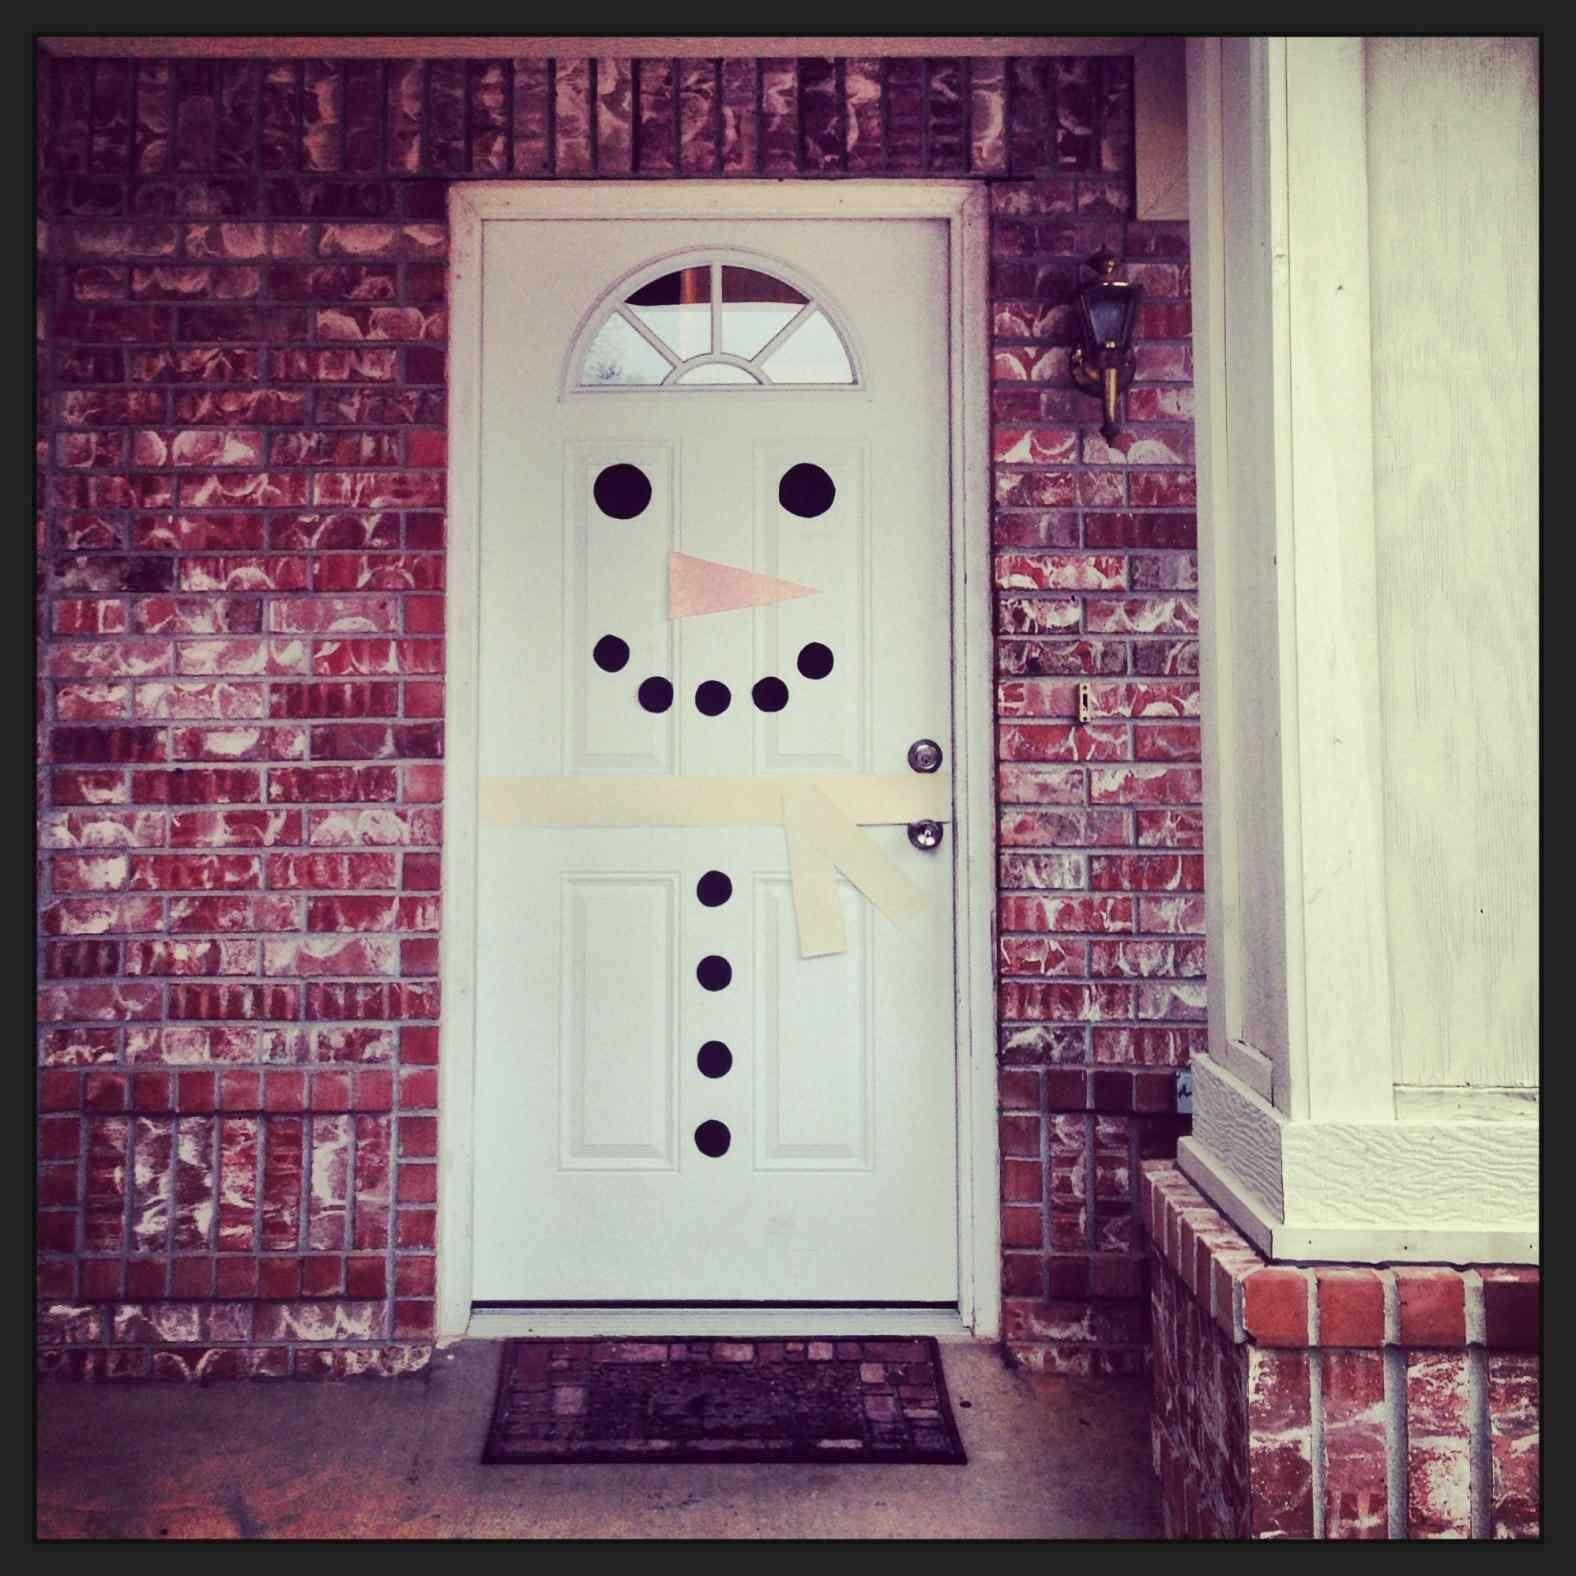 DIY Christmas Door Decoration  diy door decorations for christmas